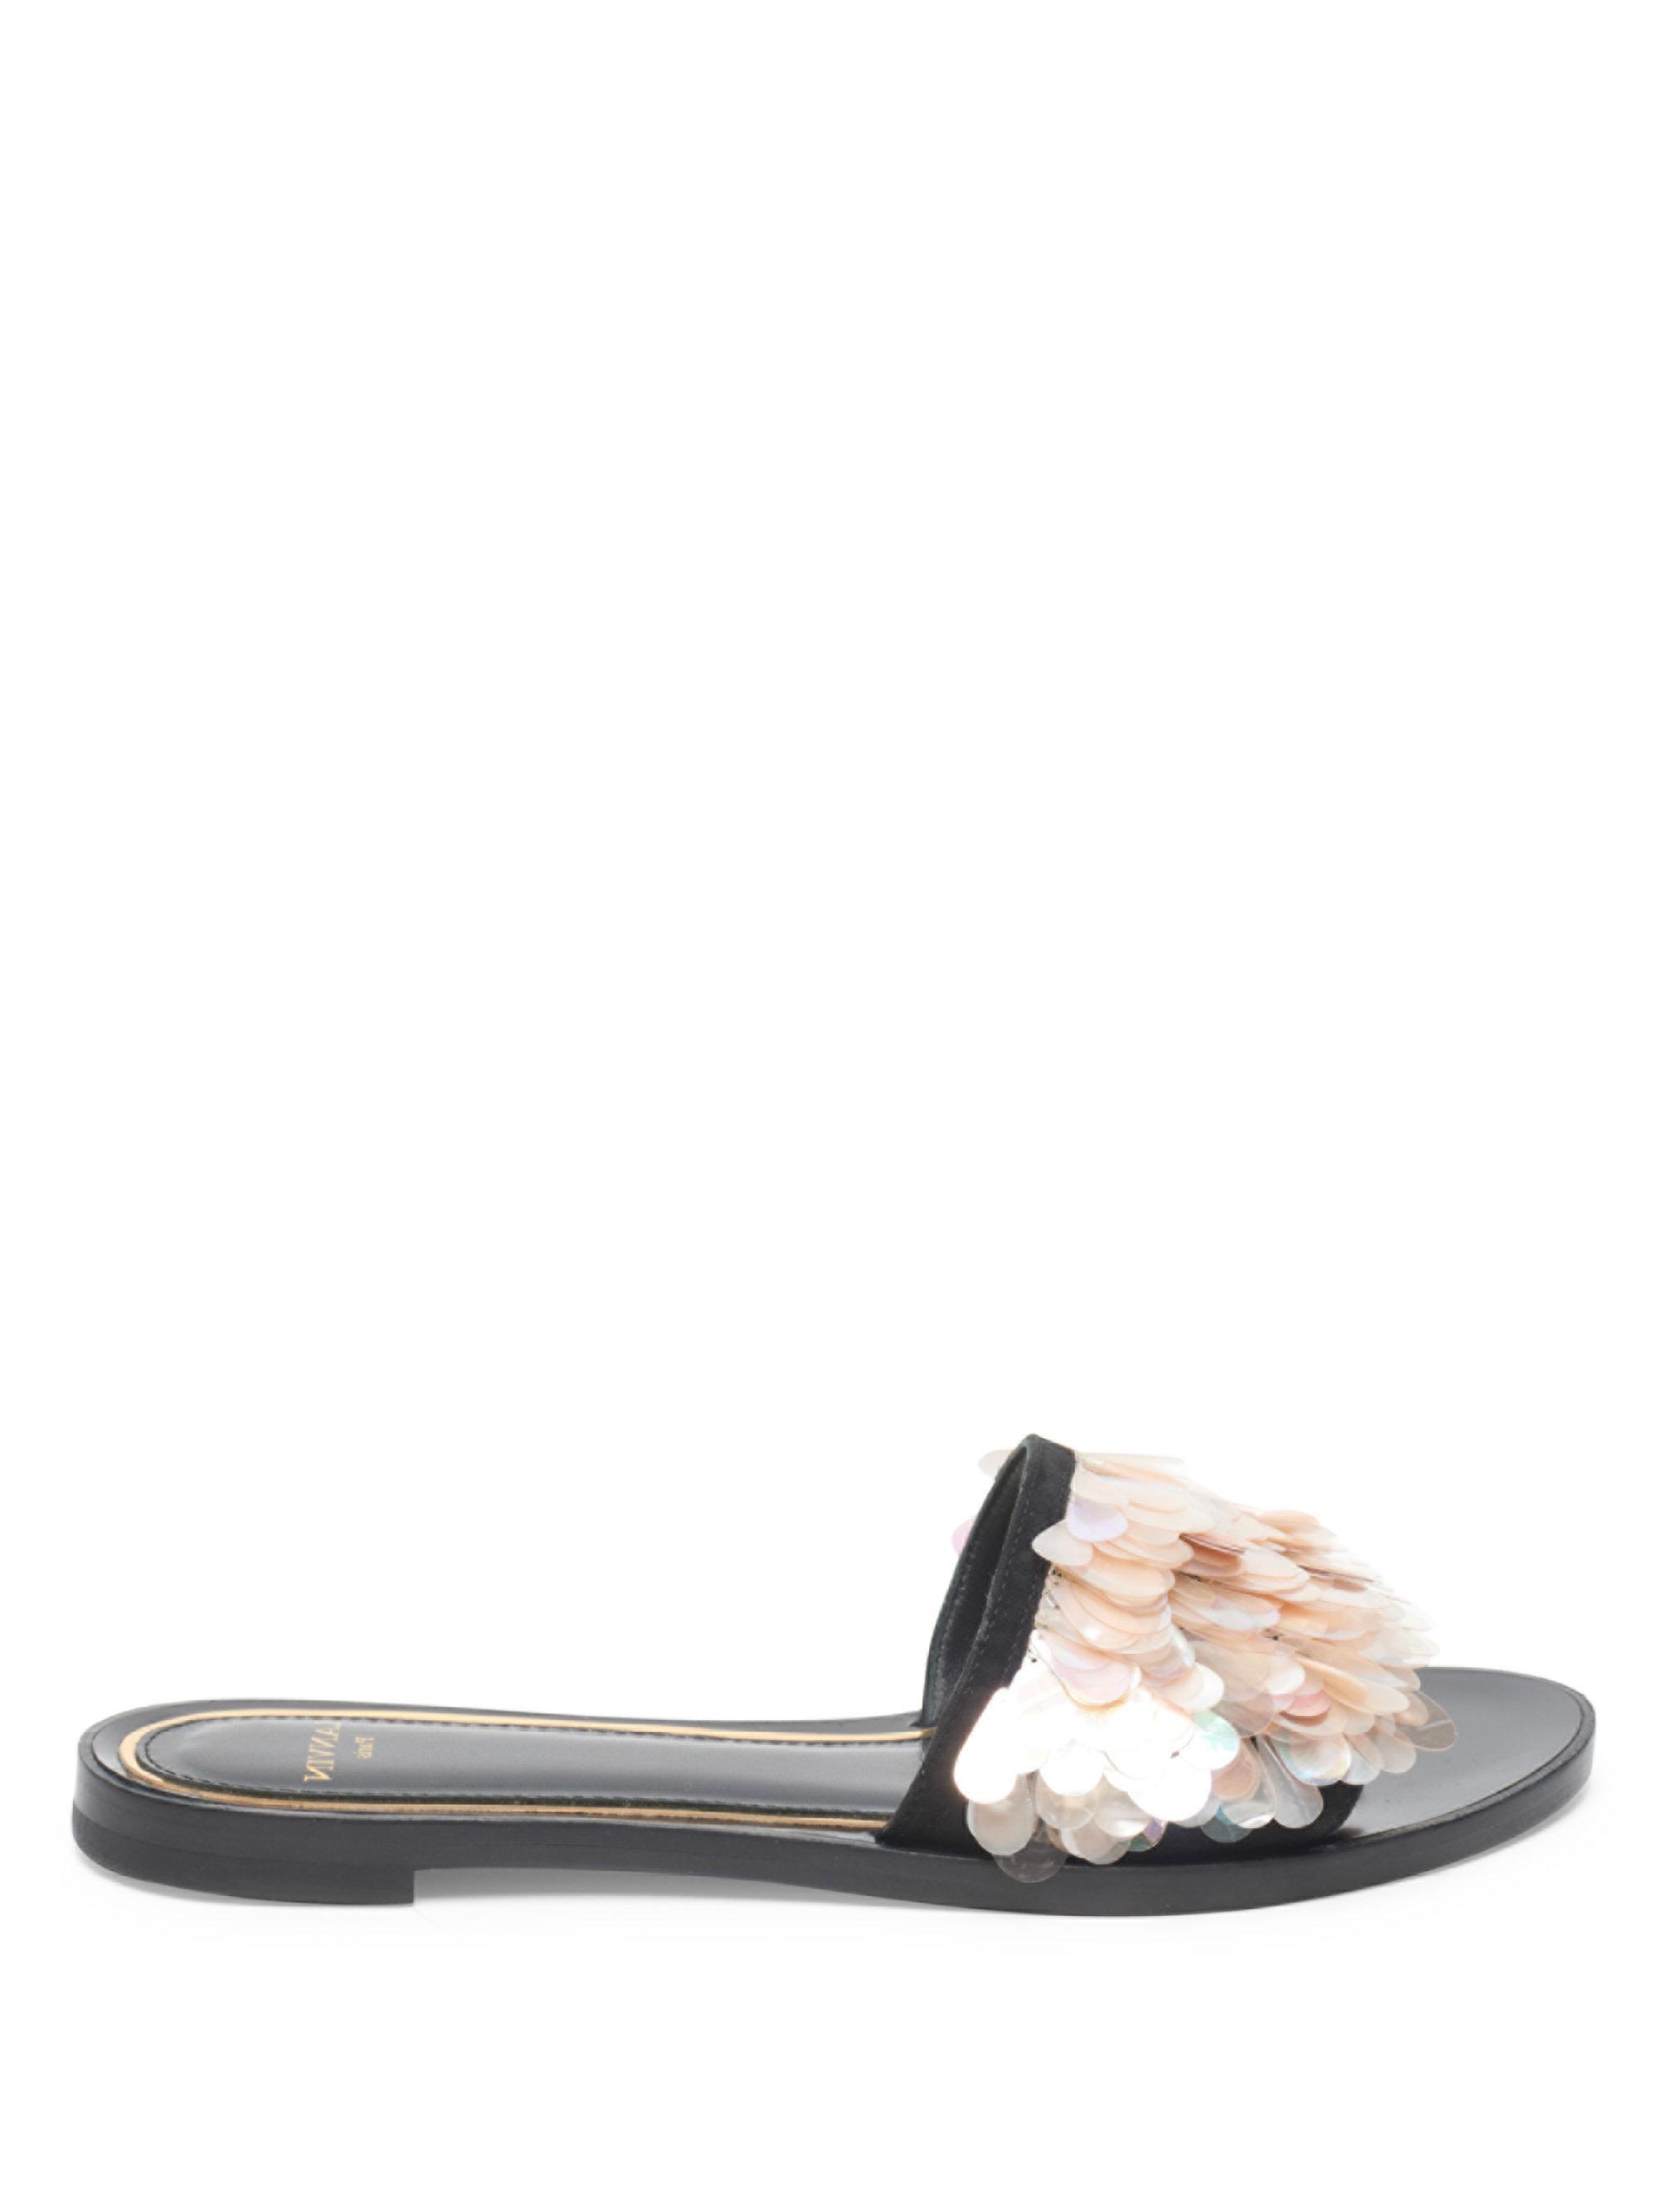 Lanvin - Multicolor Pailette Leather Slide Sandals - Lyst. View Fullscreen